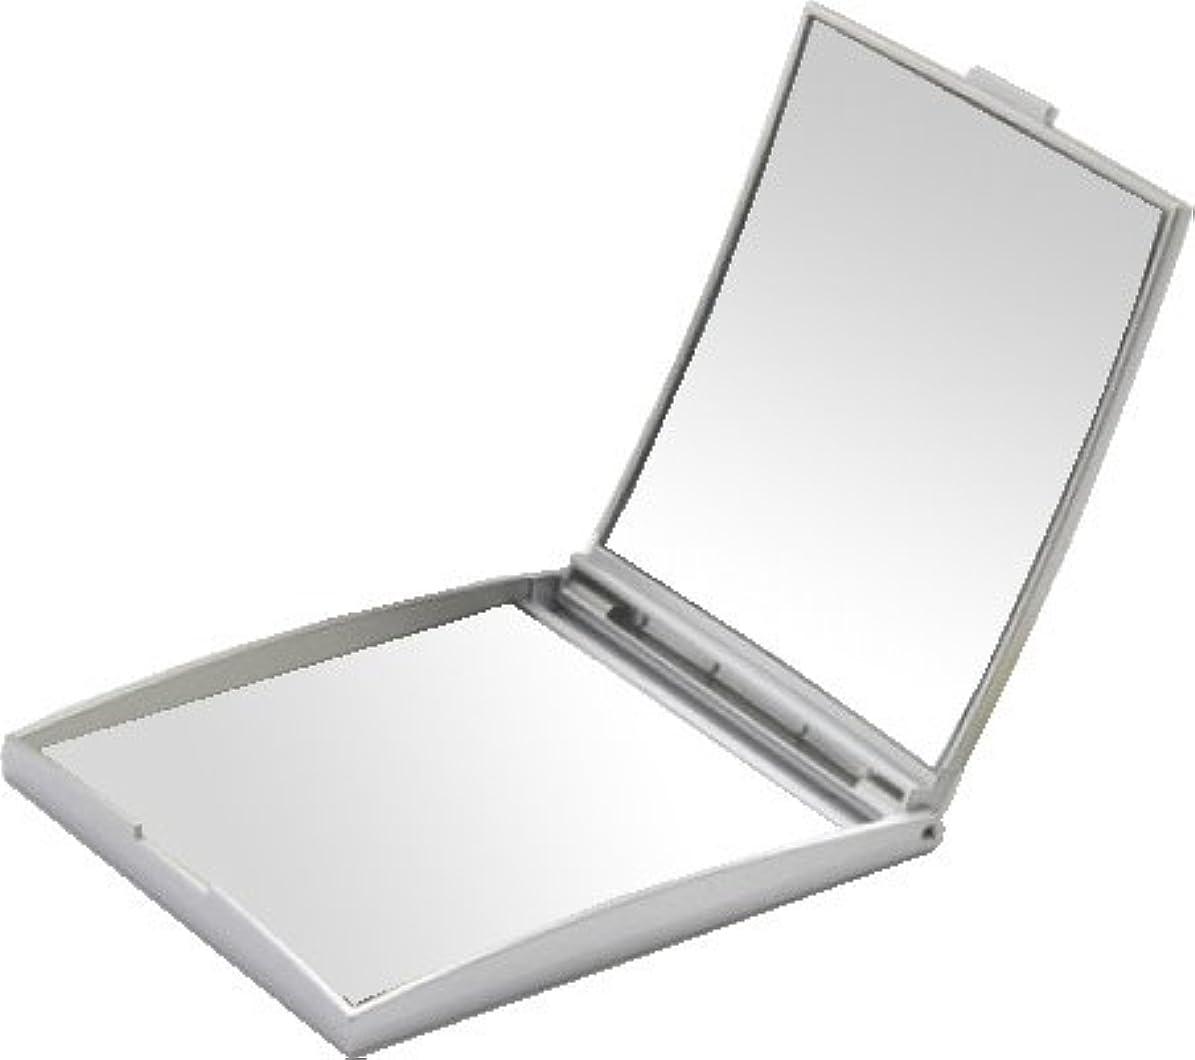 フォーク感度親メリー 片面約5倍拡大鏡付コンパクトミラー Sサイズ シルバー AD-105